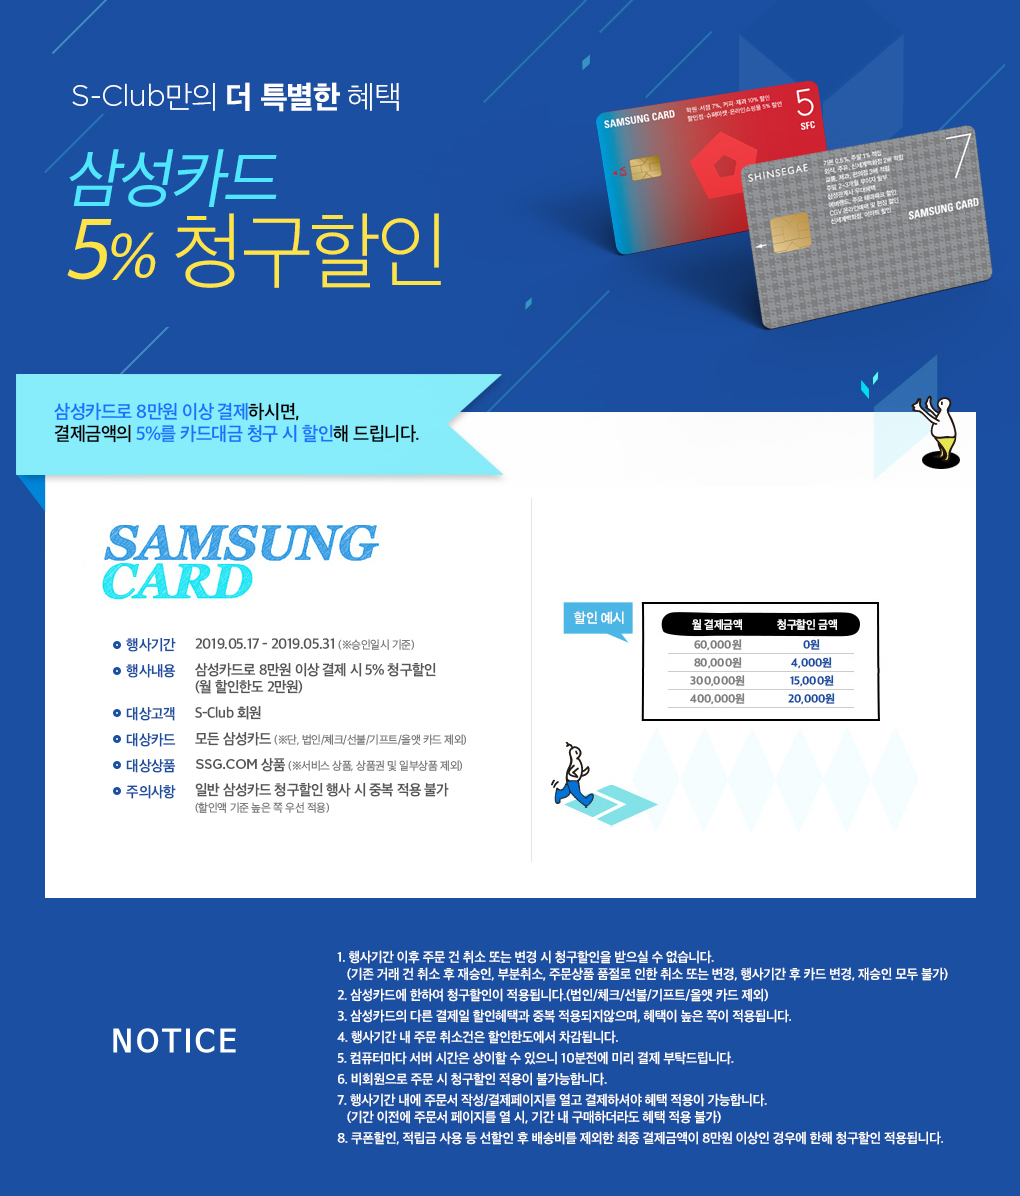 S-Club 삼성카드 5% 청구할인